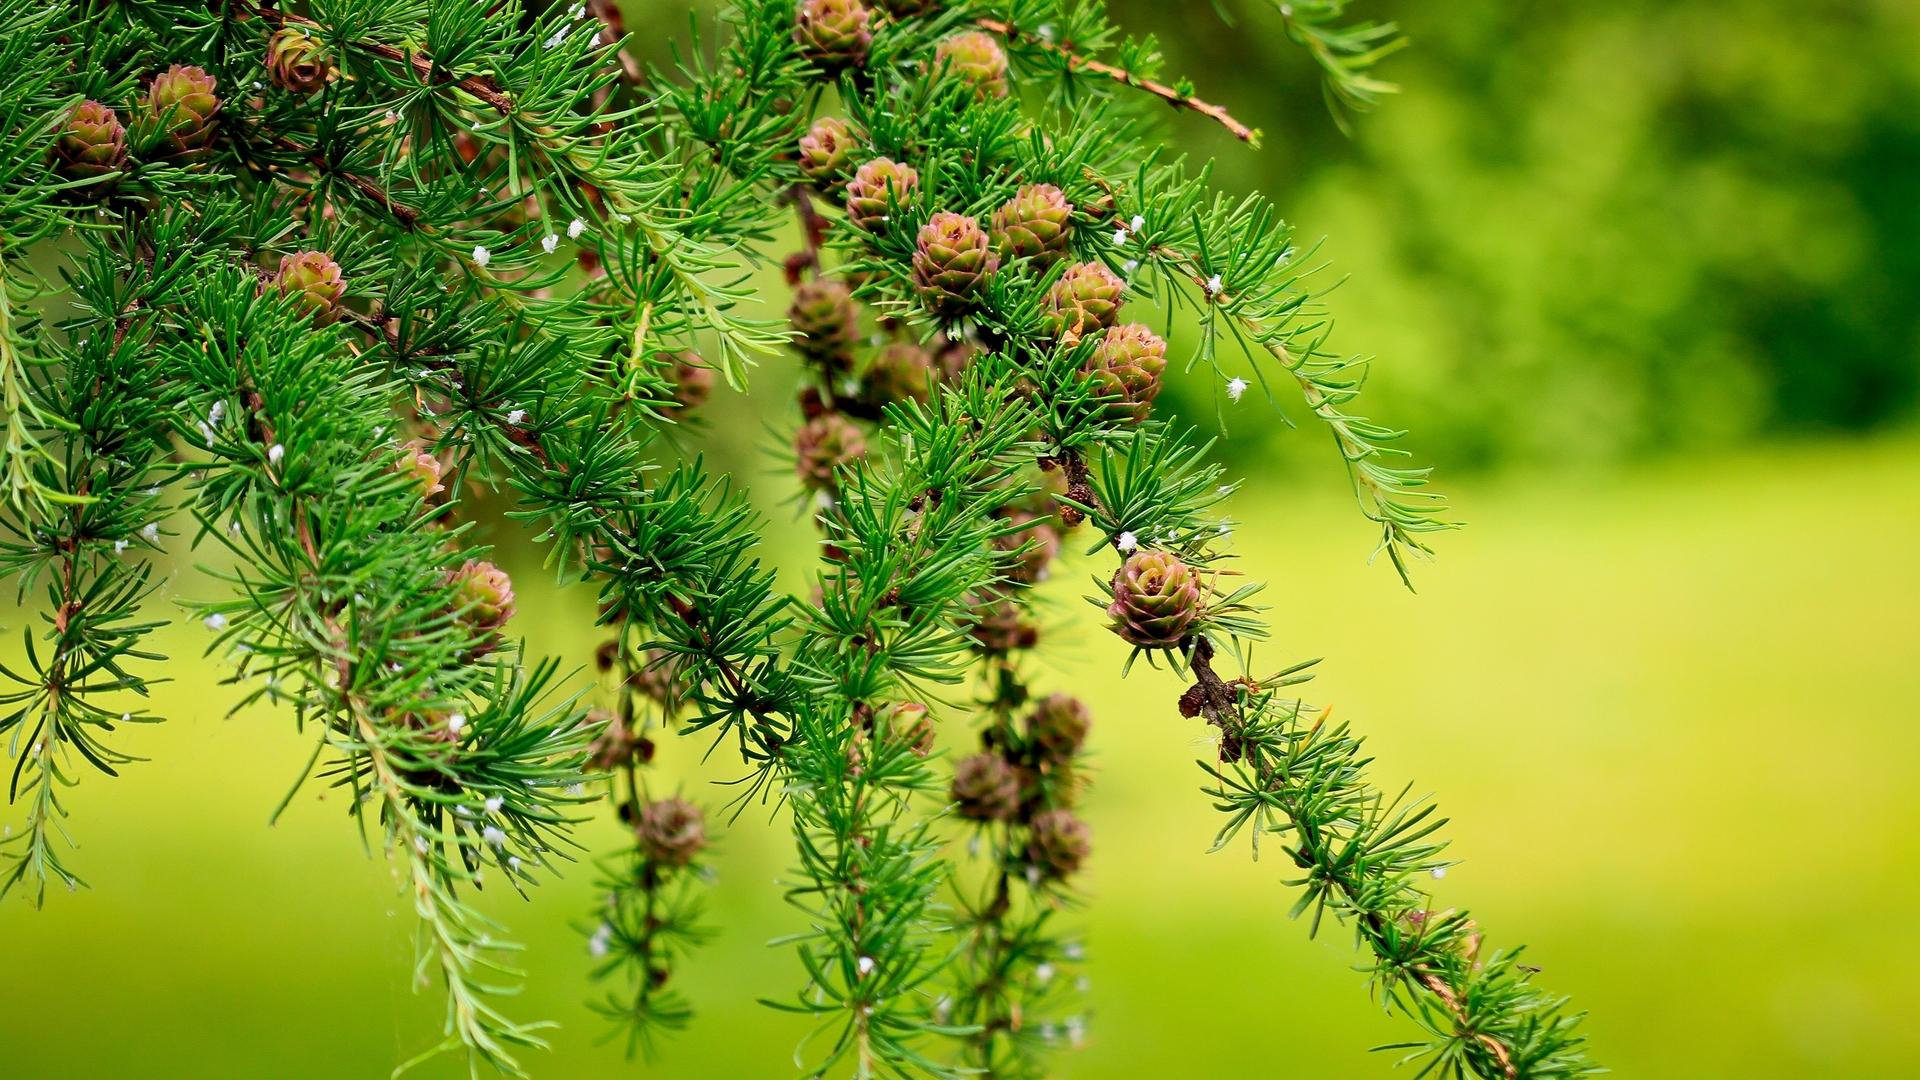 24012 скачать обои Растения, Деревья, Шишки - заставки и картинки бесплатно